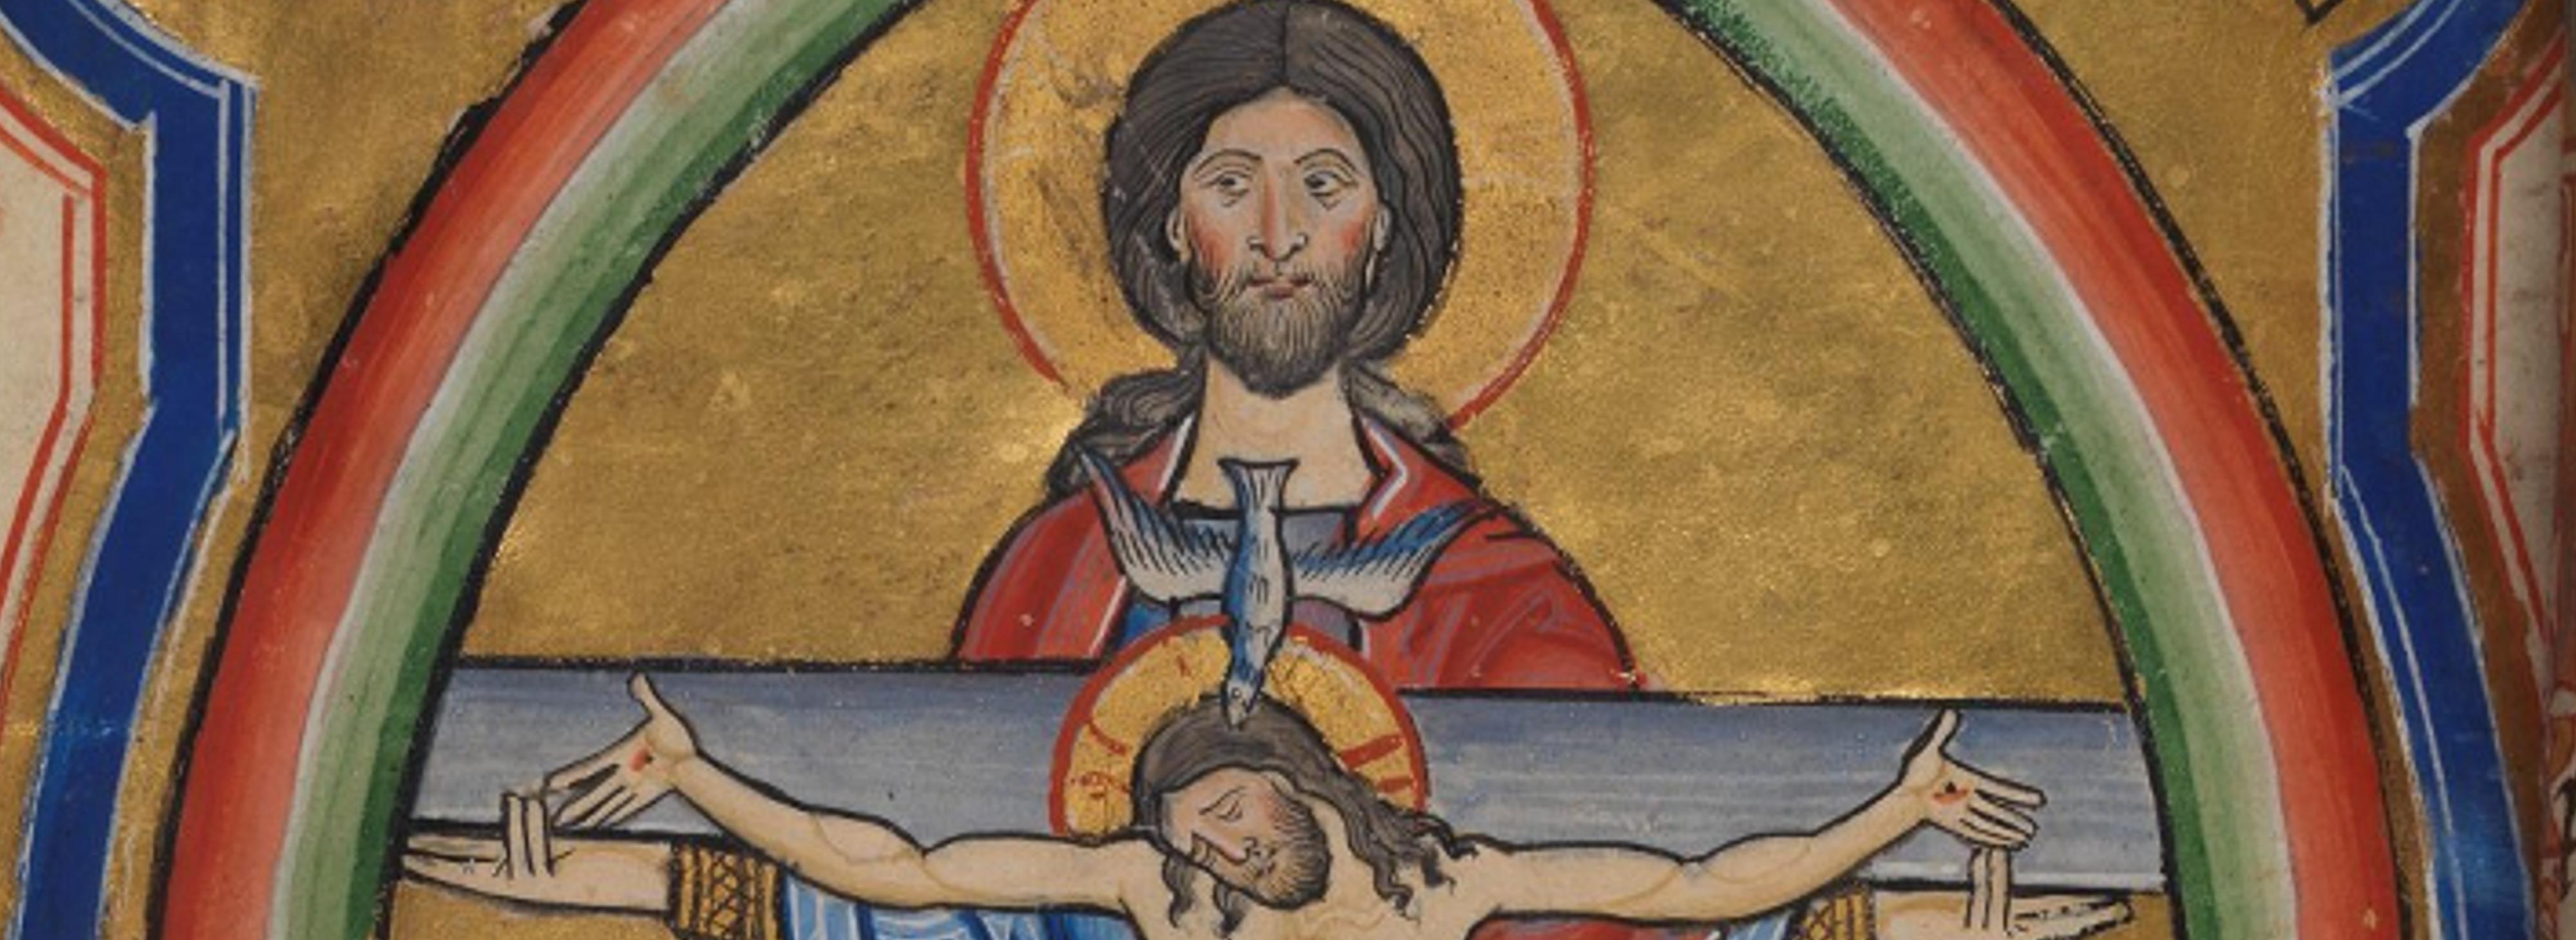 Christliche Bildwelten erkunden